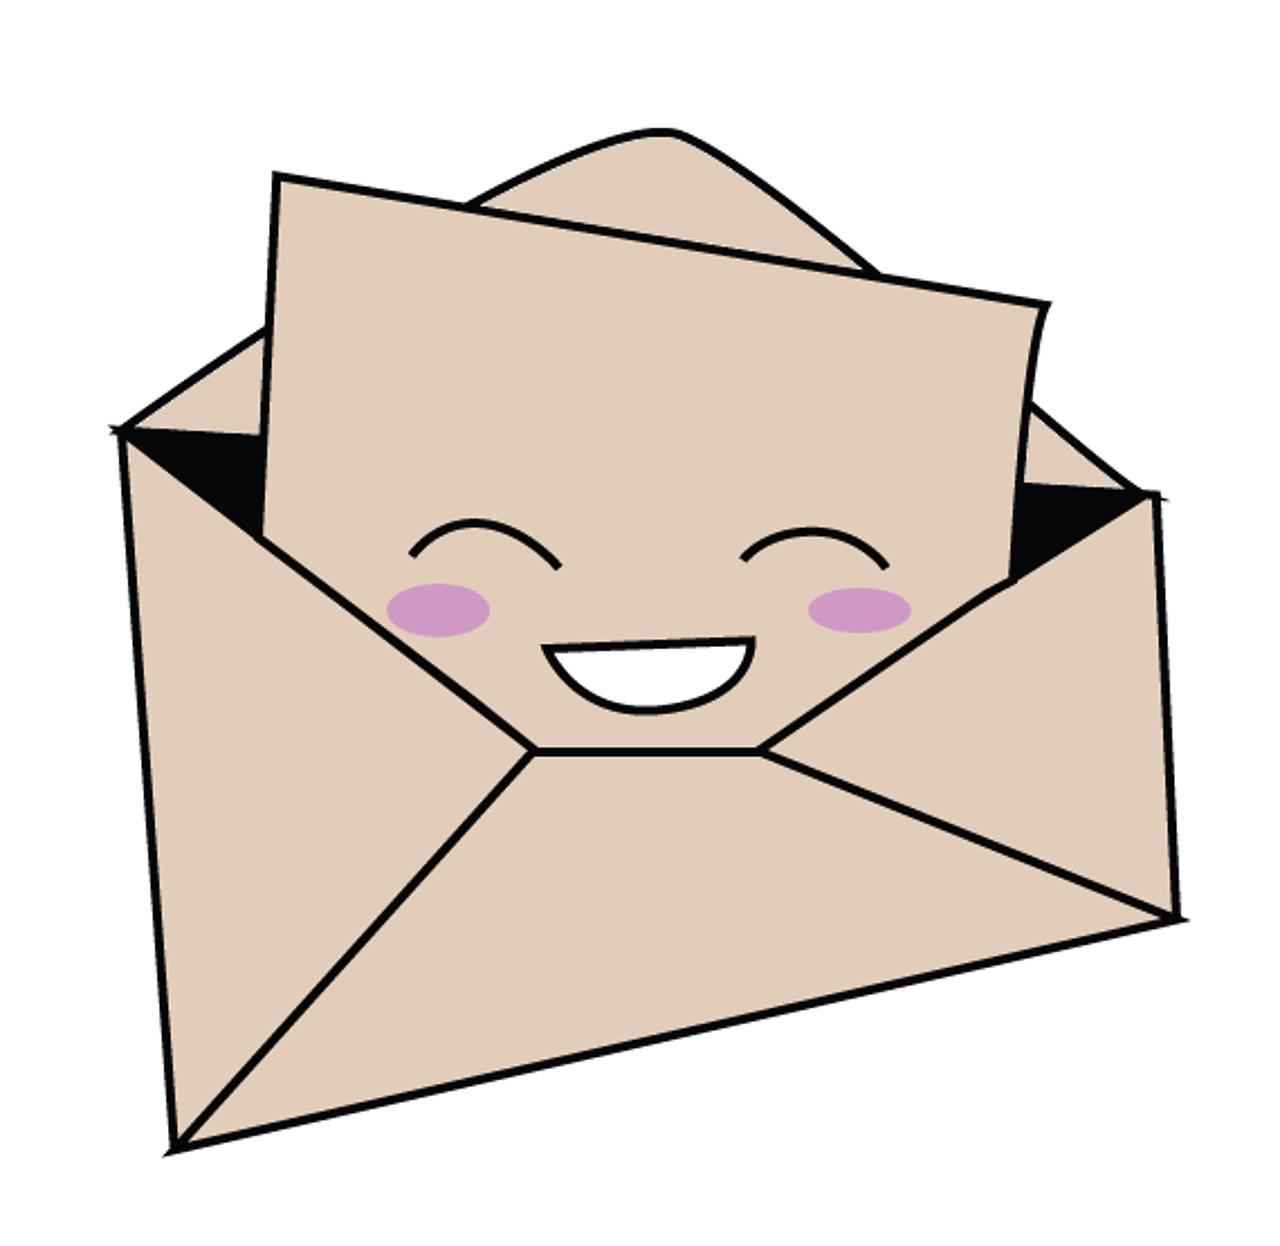 Envelope Letter Post Free Image On Pixabay